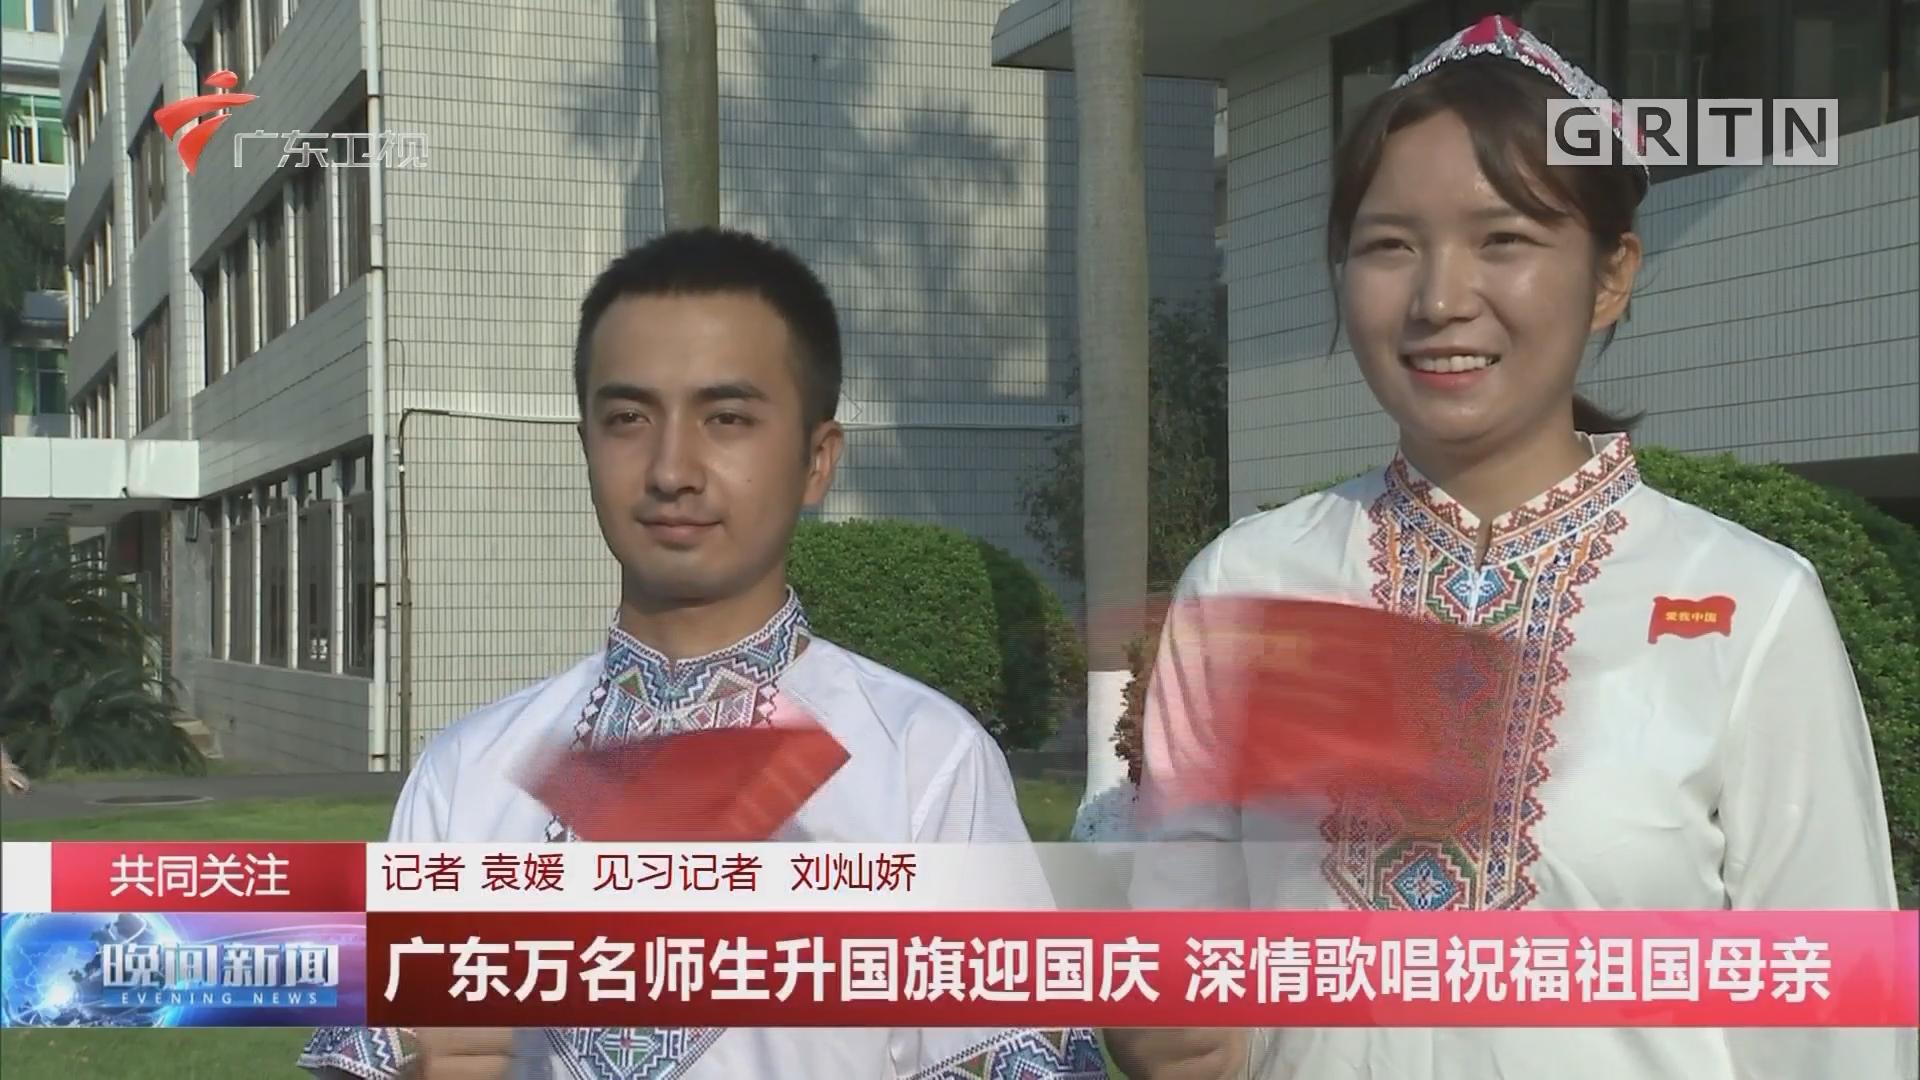 广东万名师生升国旗迎国庆 深情歌唱祝福祖国母亲